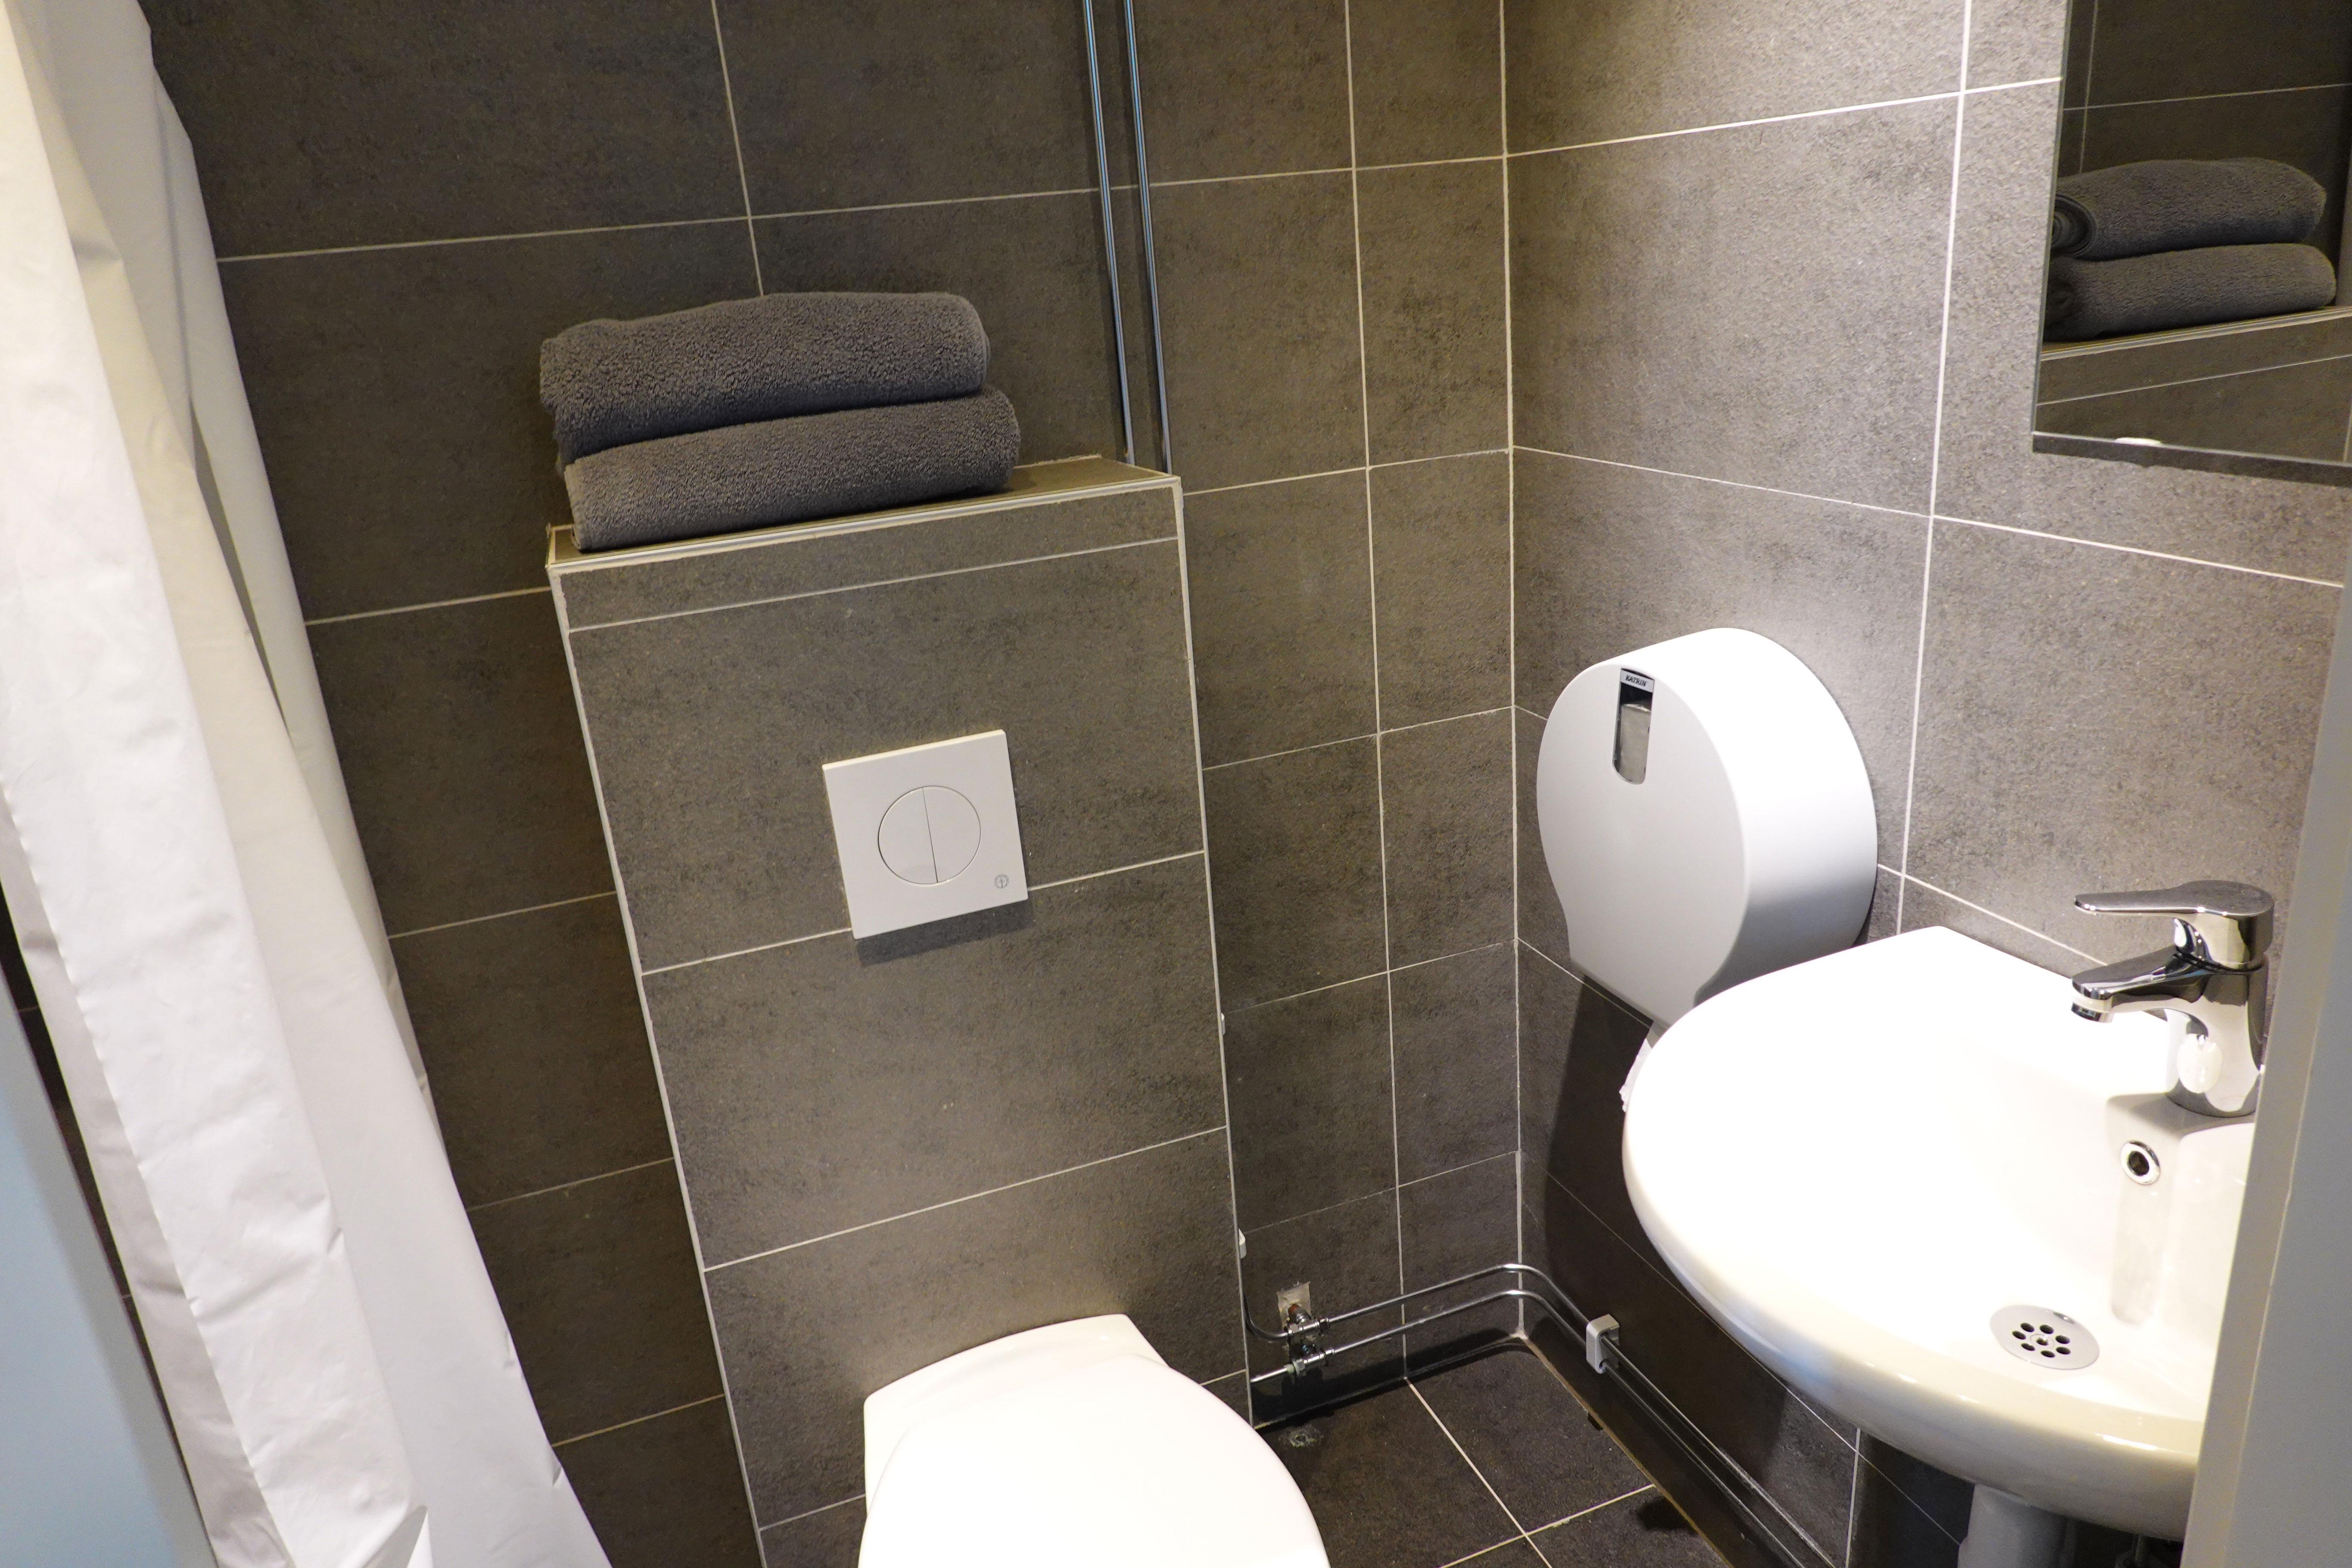 Kategori Hotell och Vandrarhem Toalett 1 1